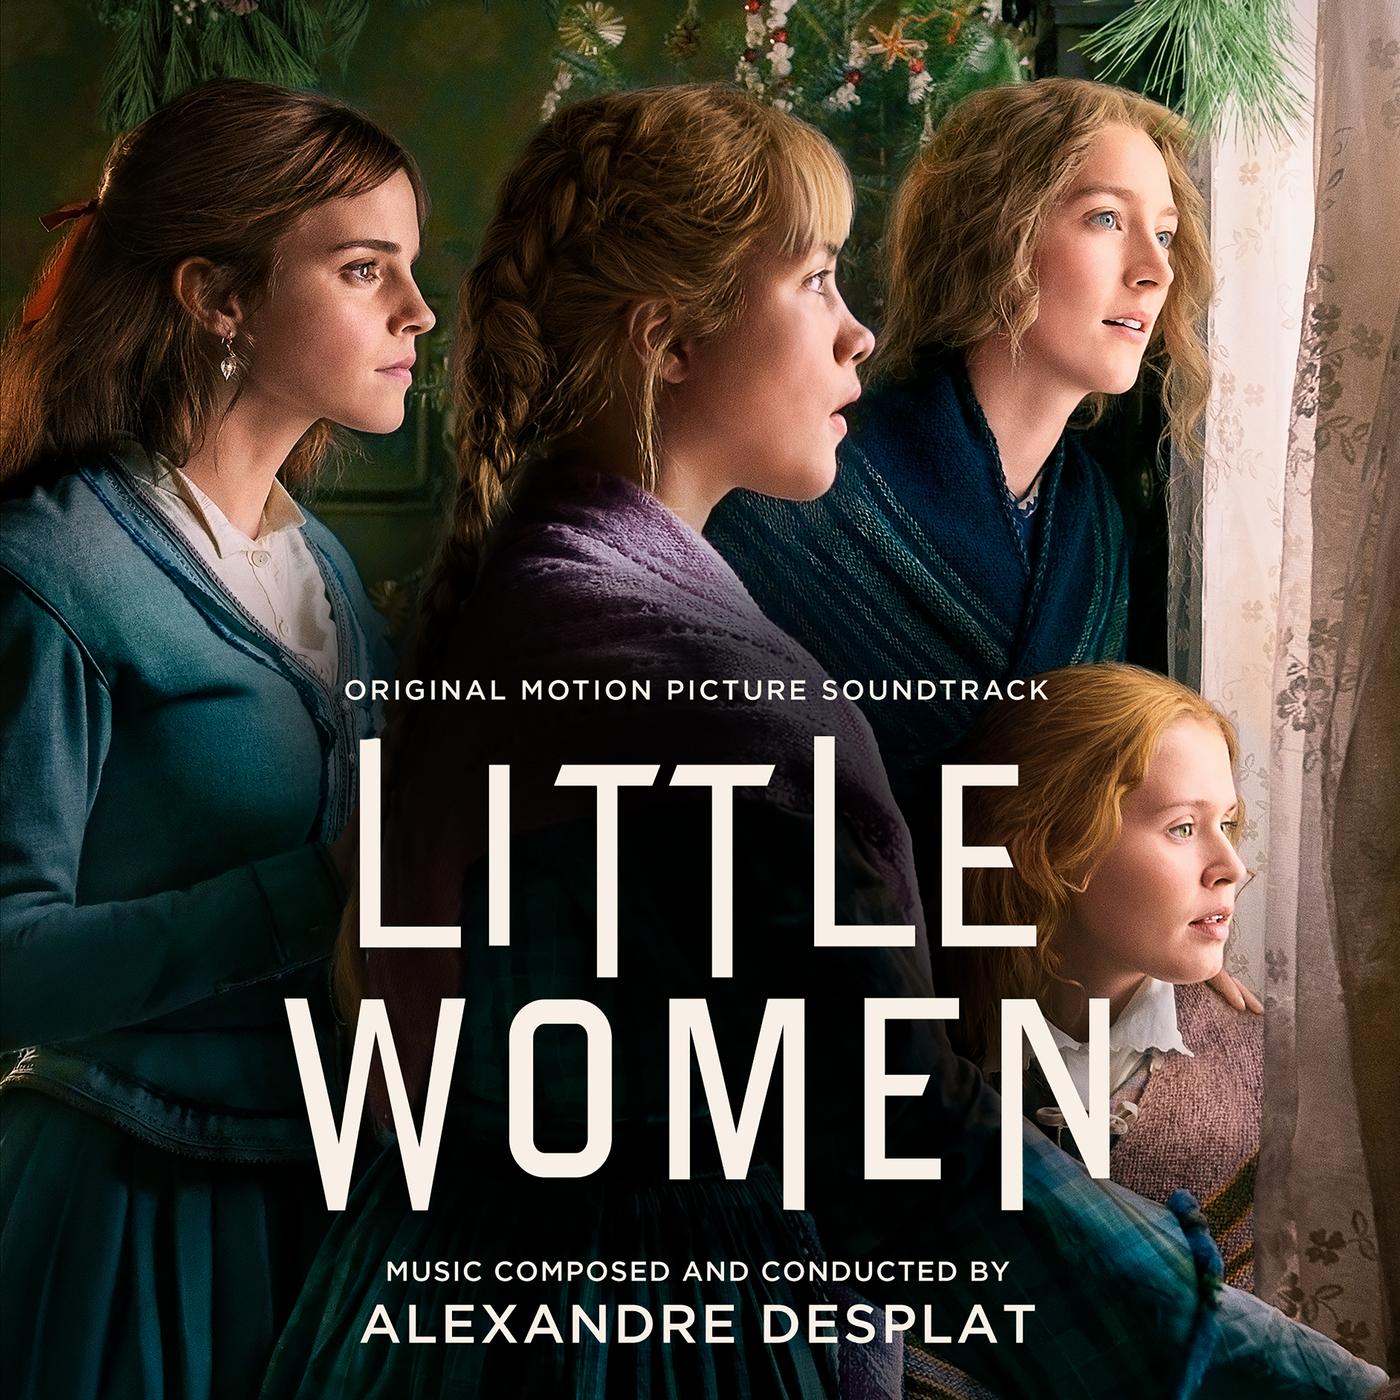 Little Women (Original Motion Picture Soundtrack) - Alexandre Desplat